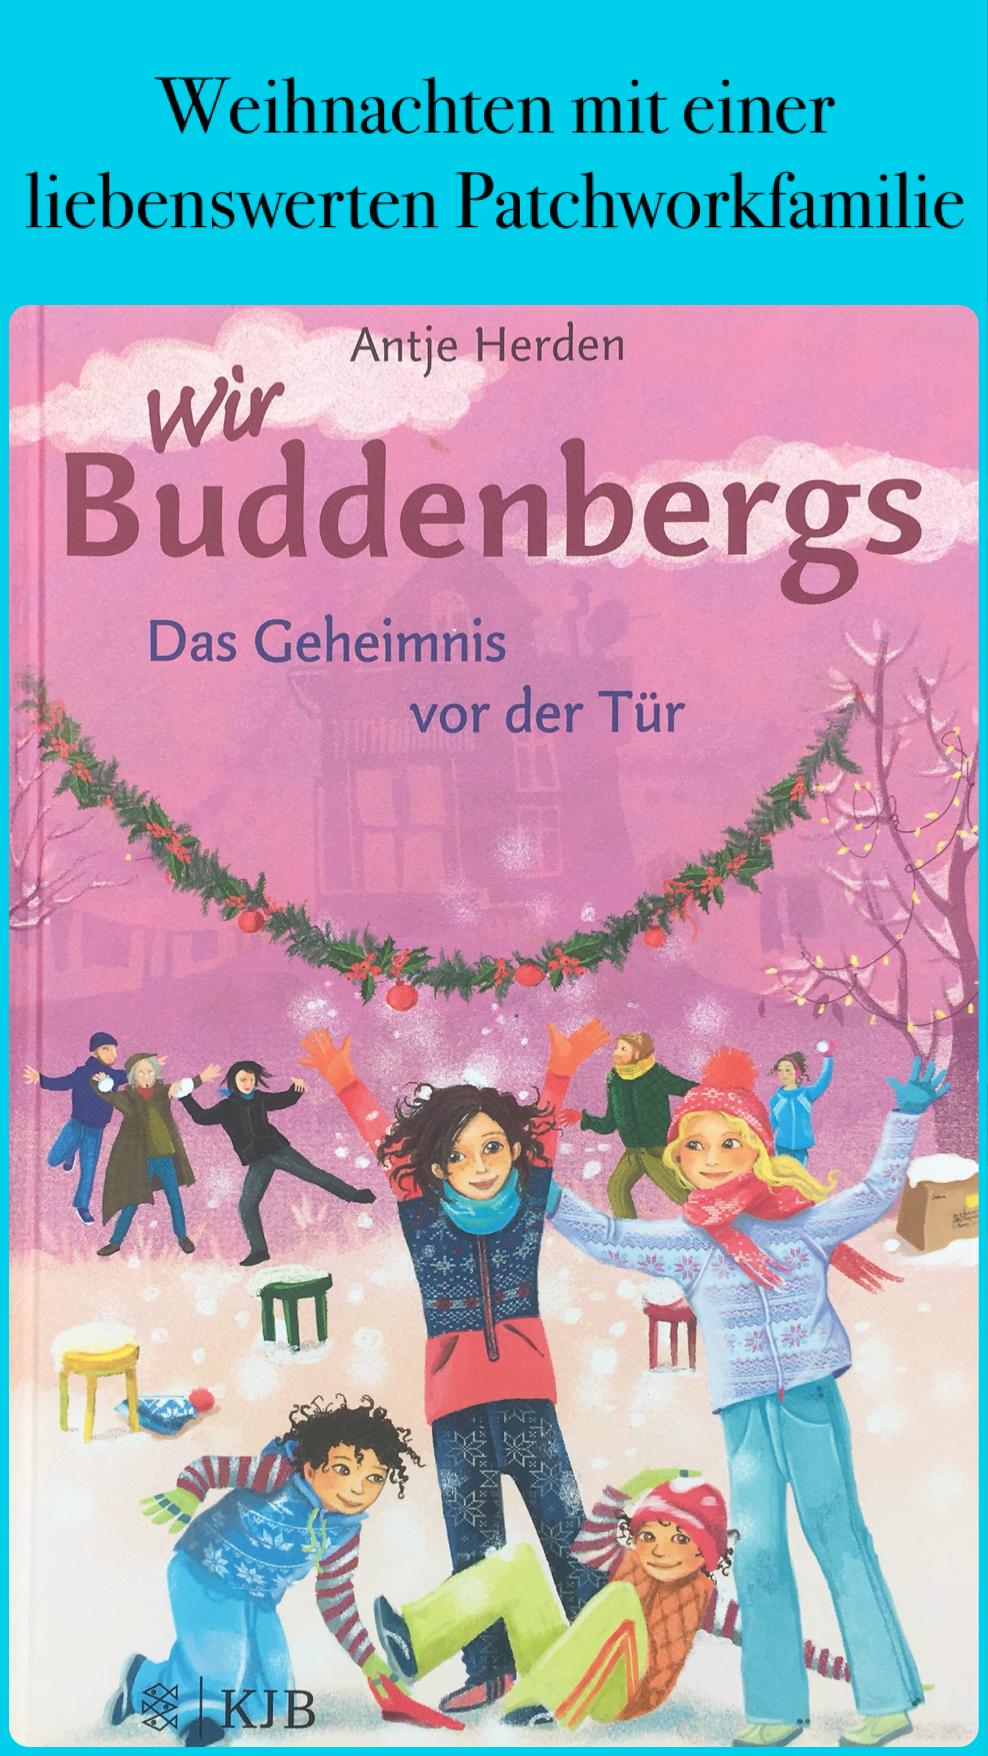 3 Büchertipps für Jungen und Mädchen ab 8 Jahren